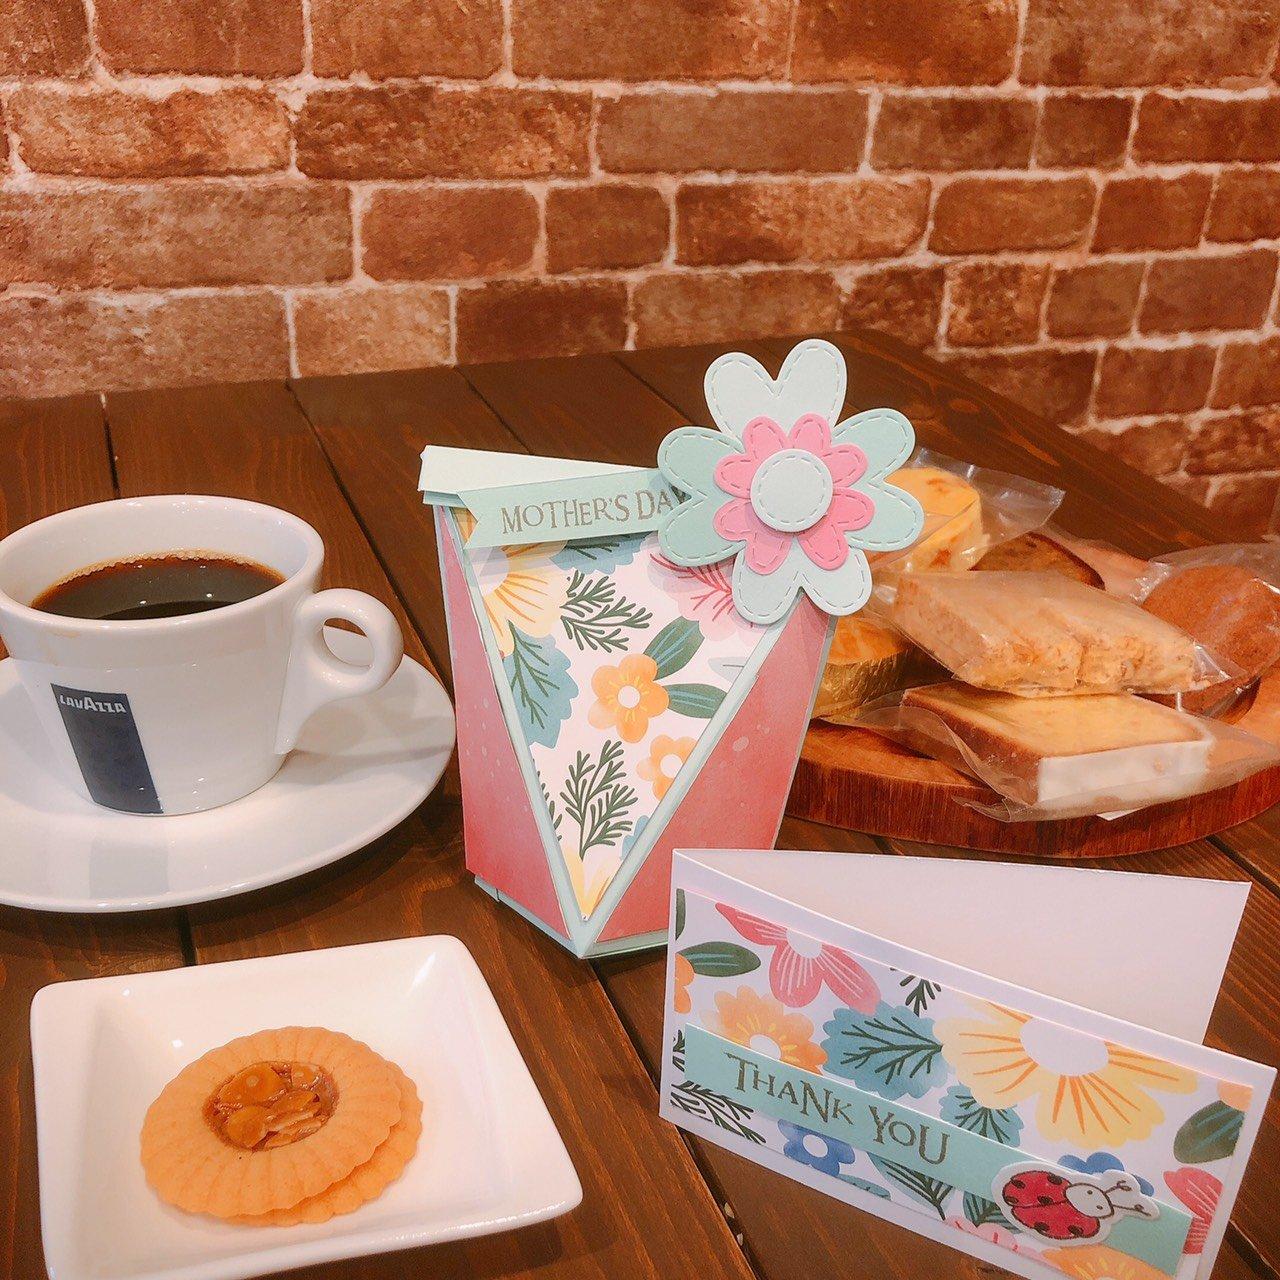 カフェでワークショップ!!焼き菓子ボックス&メッセージカード作り☆L'Ours米粉焼き菓子セット付き 第一部(10:30〜12:30)のイメージその1